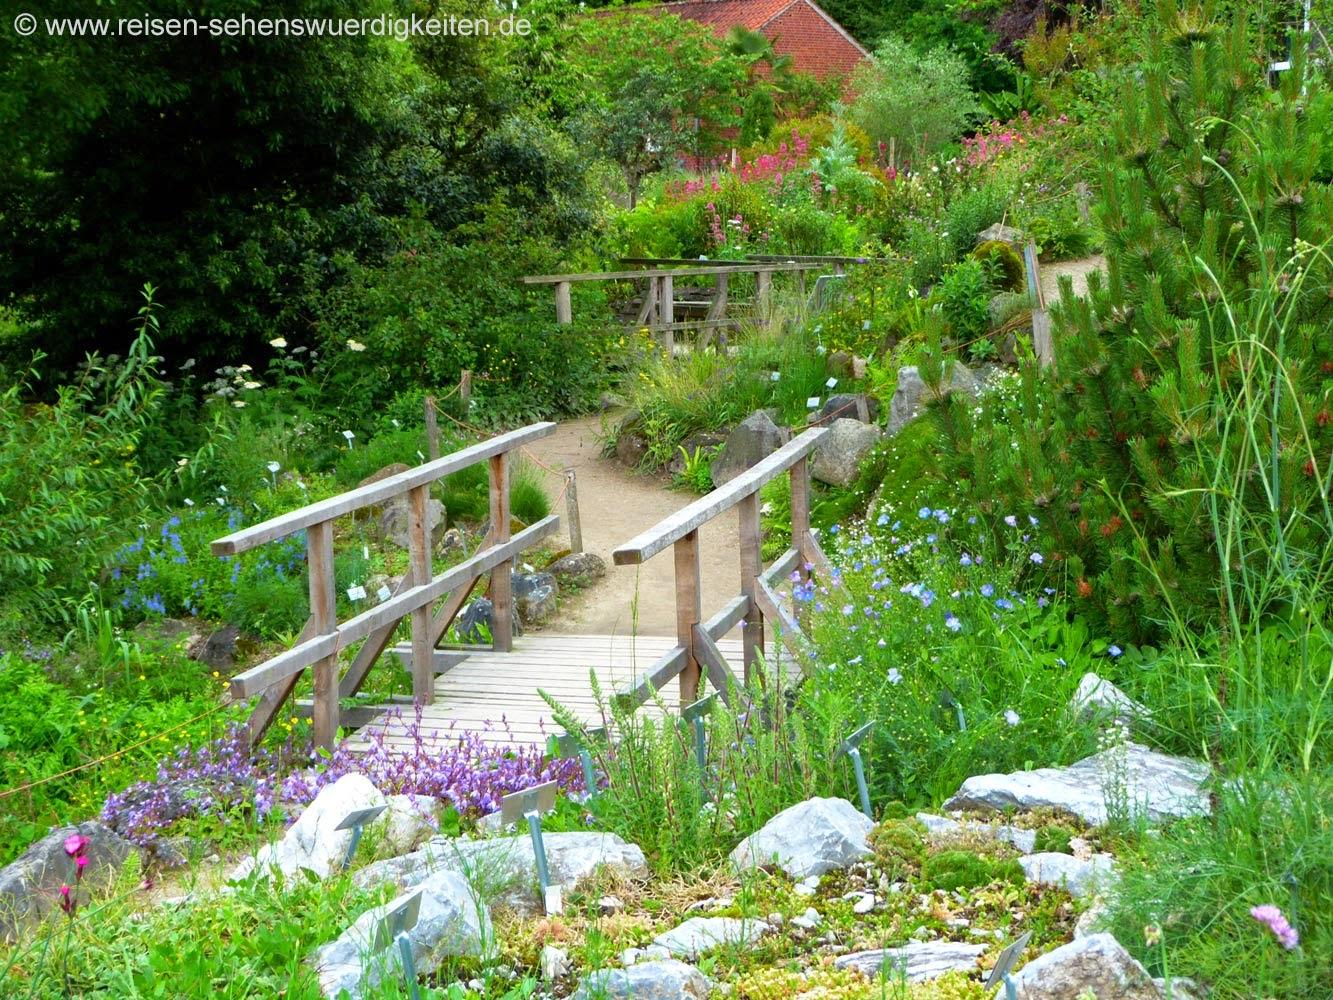 Kleine Brücken im Botanischen Garten von Münster